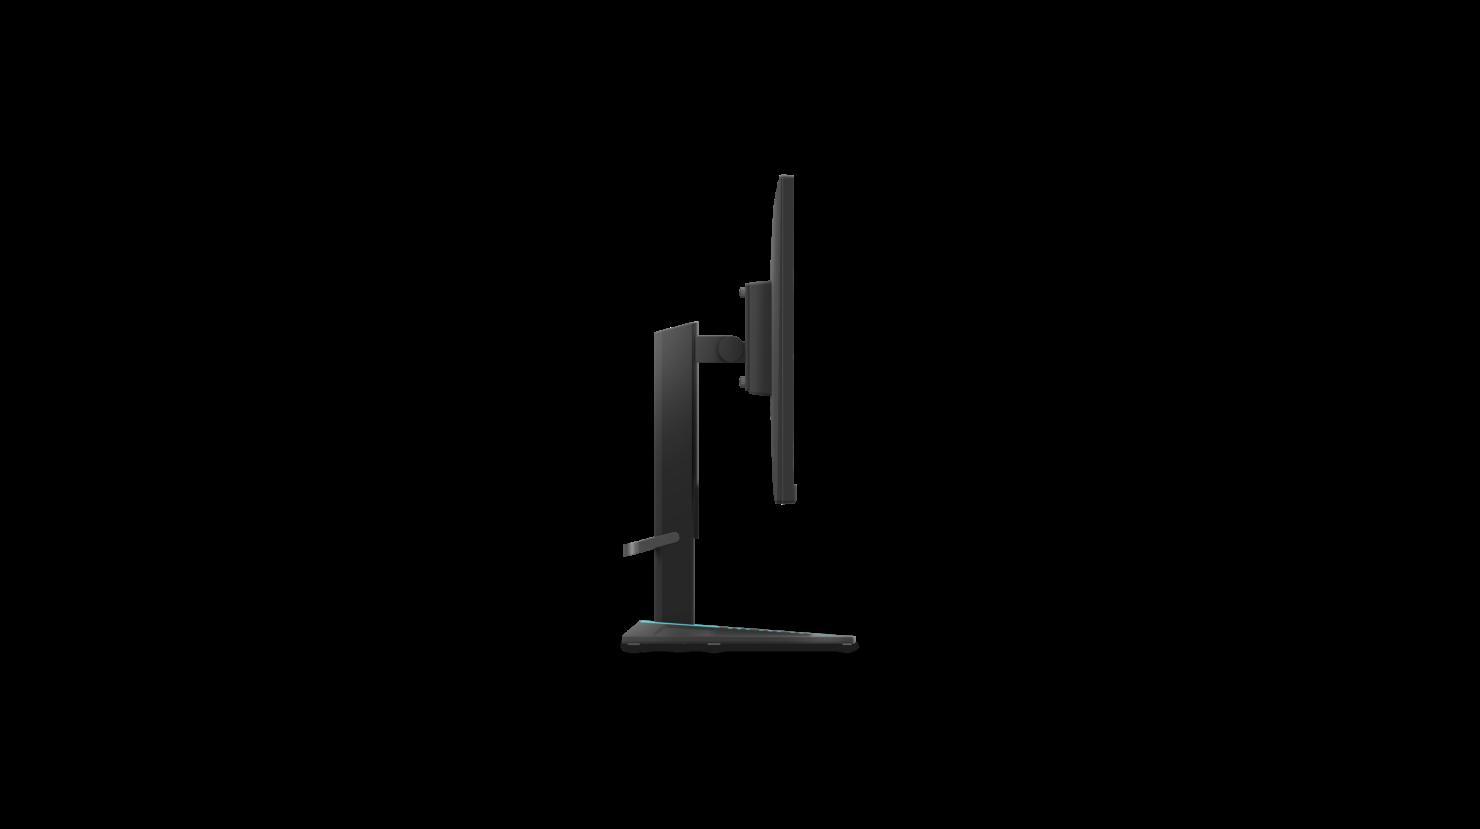 lenovo-g27q-20-gaming-monitor_right_side_highest_height-custom